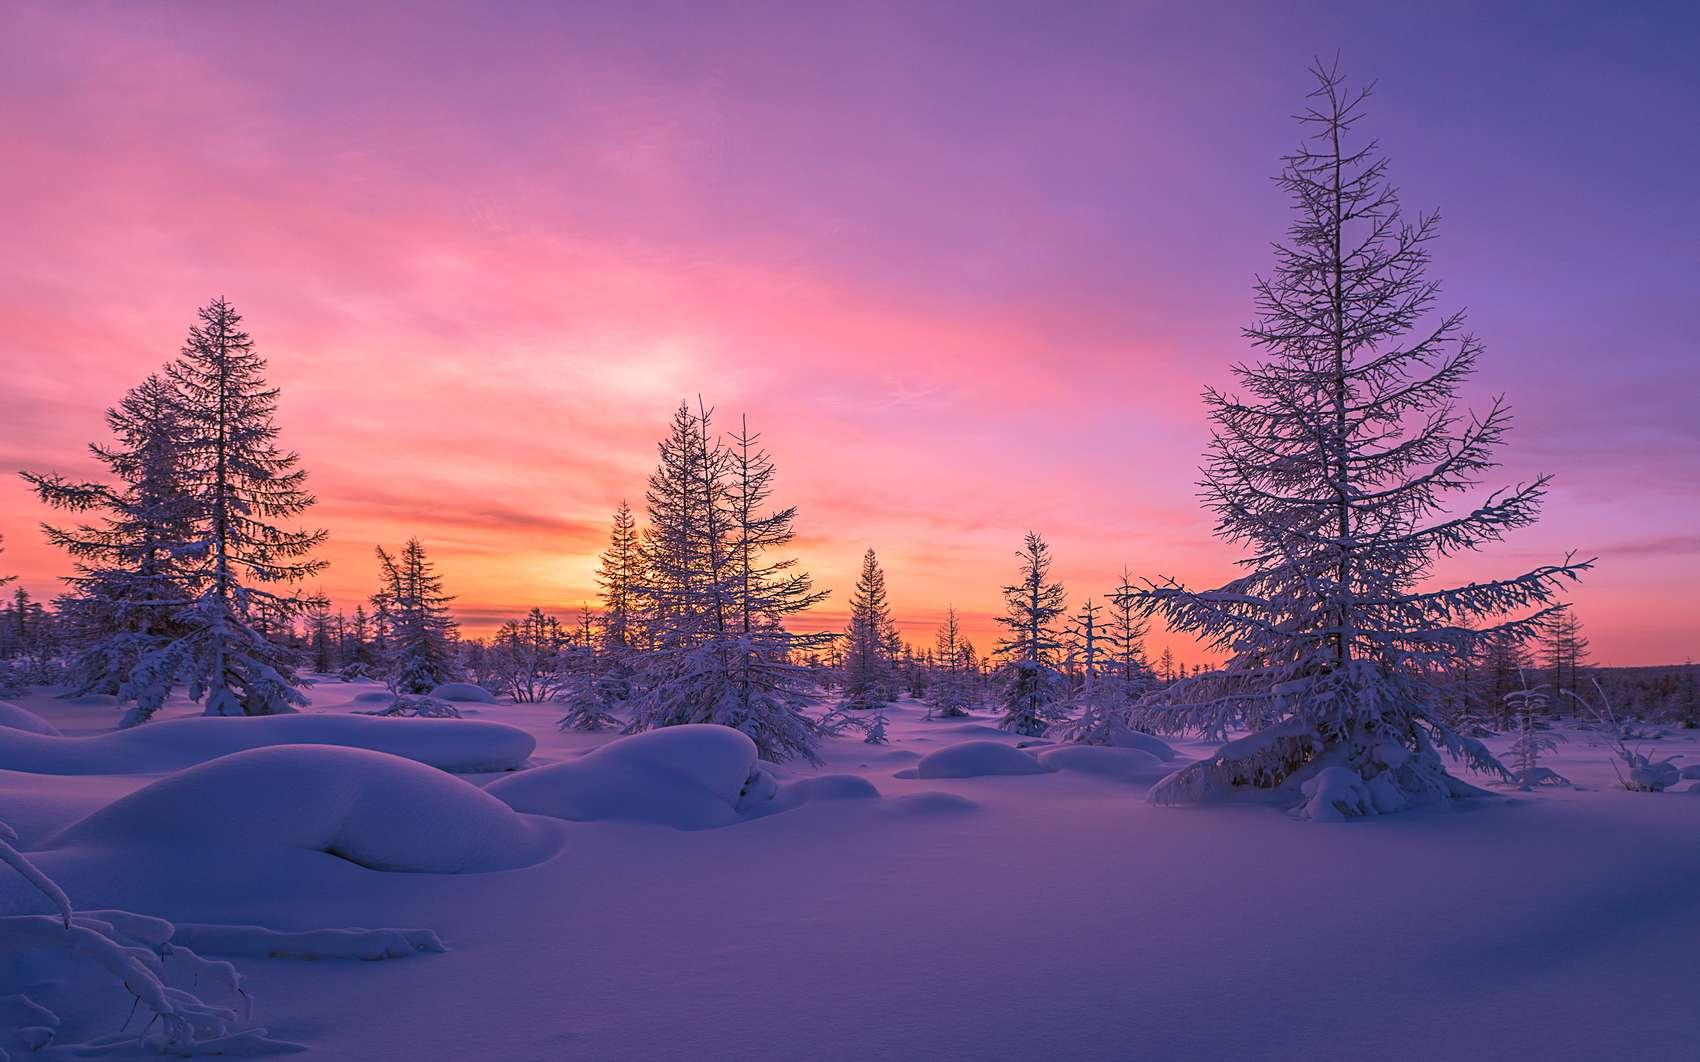 En Alaska, l'hiver, il fait froid. Enfouies dans le sol gelé, les grenouilles des bois devraient logiquement mourir. Mais non, car elles ont inventé l'antigel. © Olonkho, Fotolia